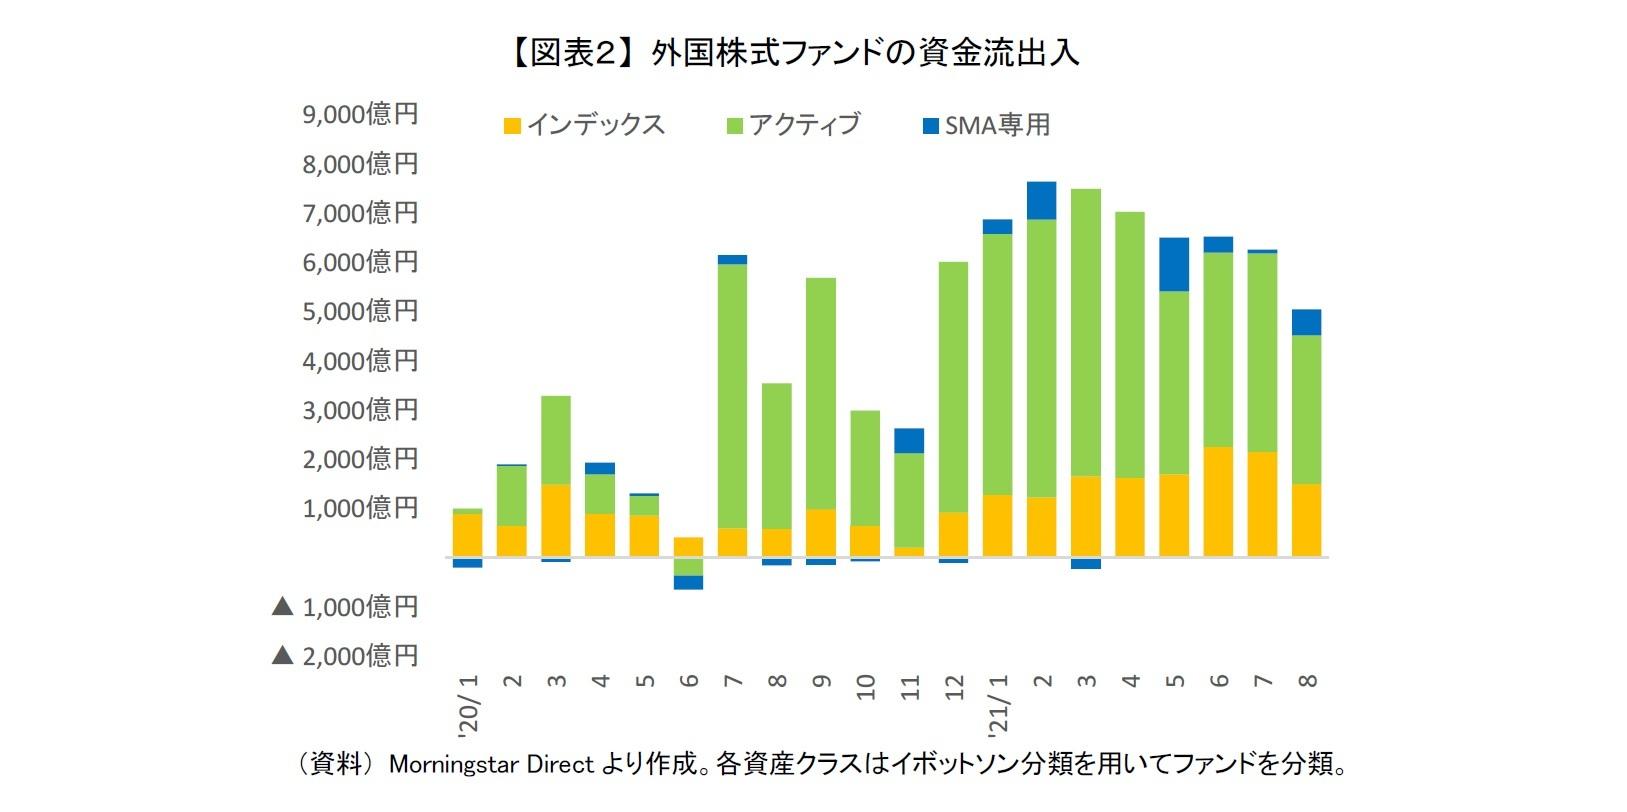 【図表2】 外国株式ファンドの資金流出入